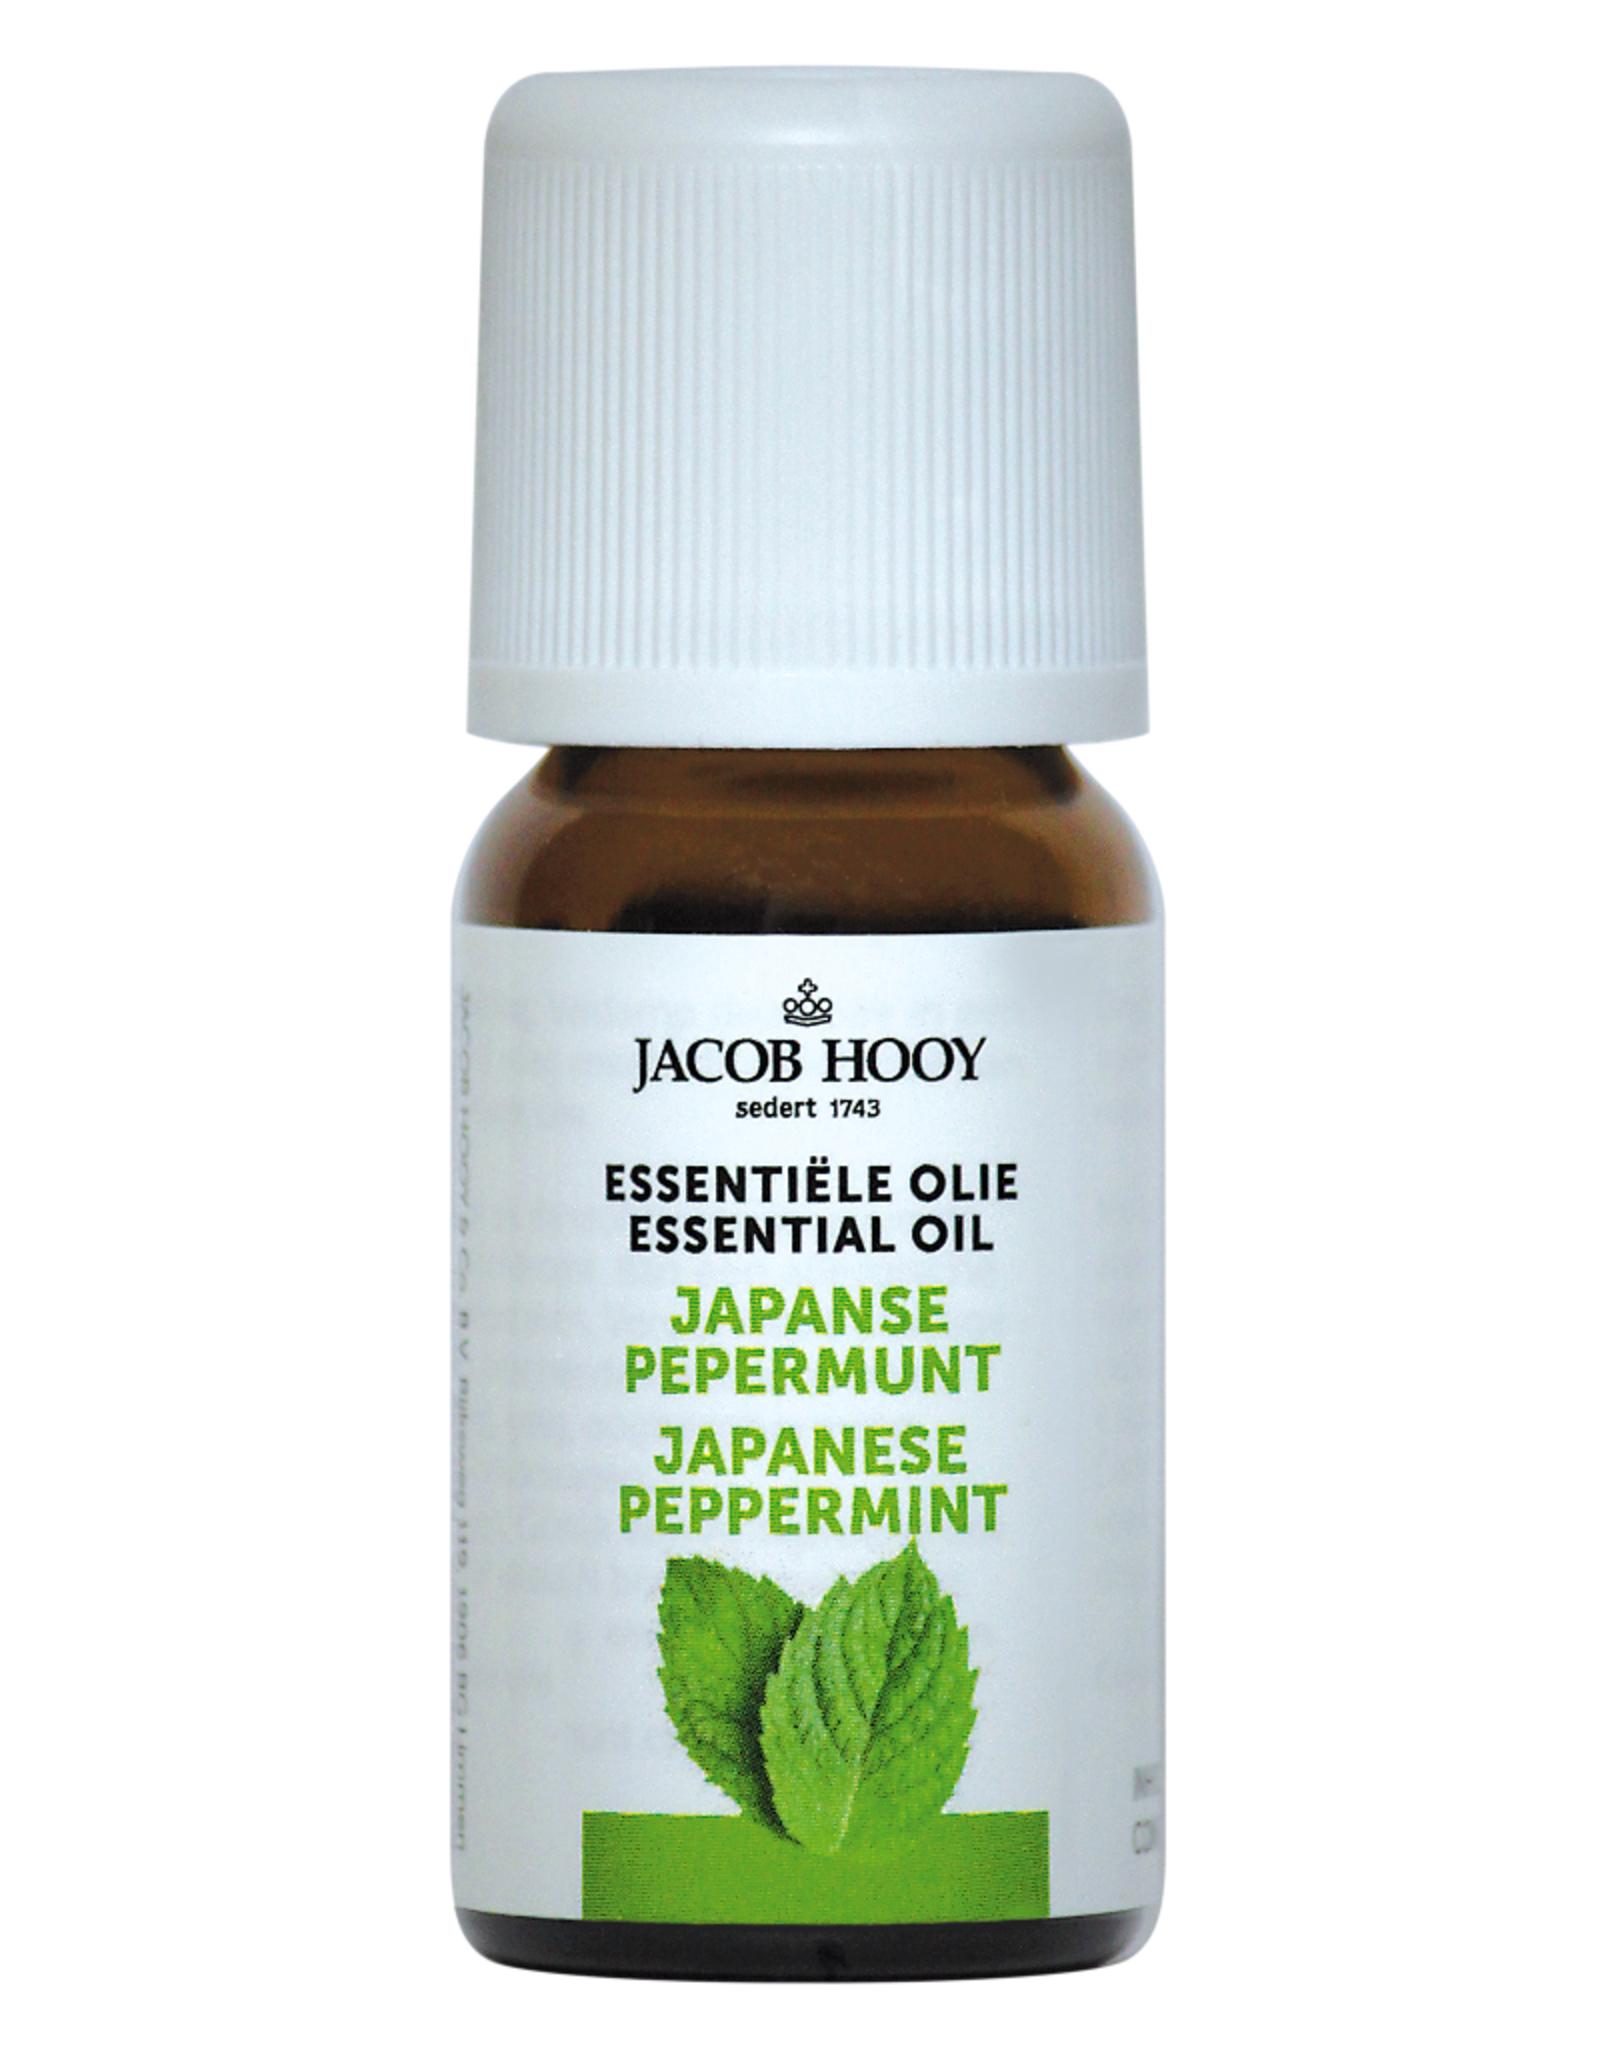 Japanse pepermunt essentiële olie Jacob Hooy 10ml